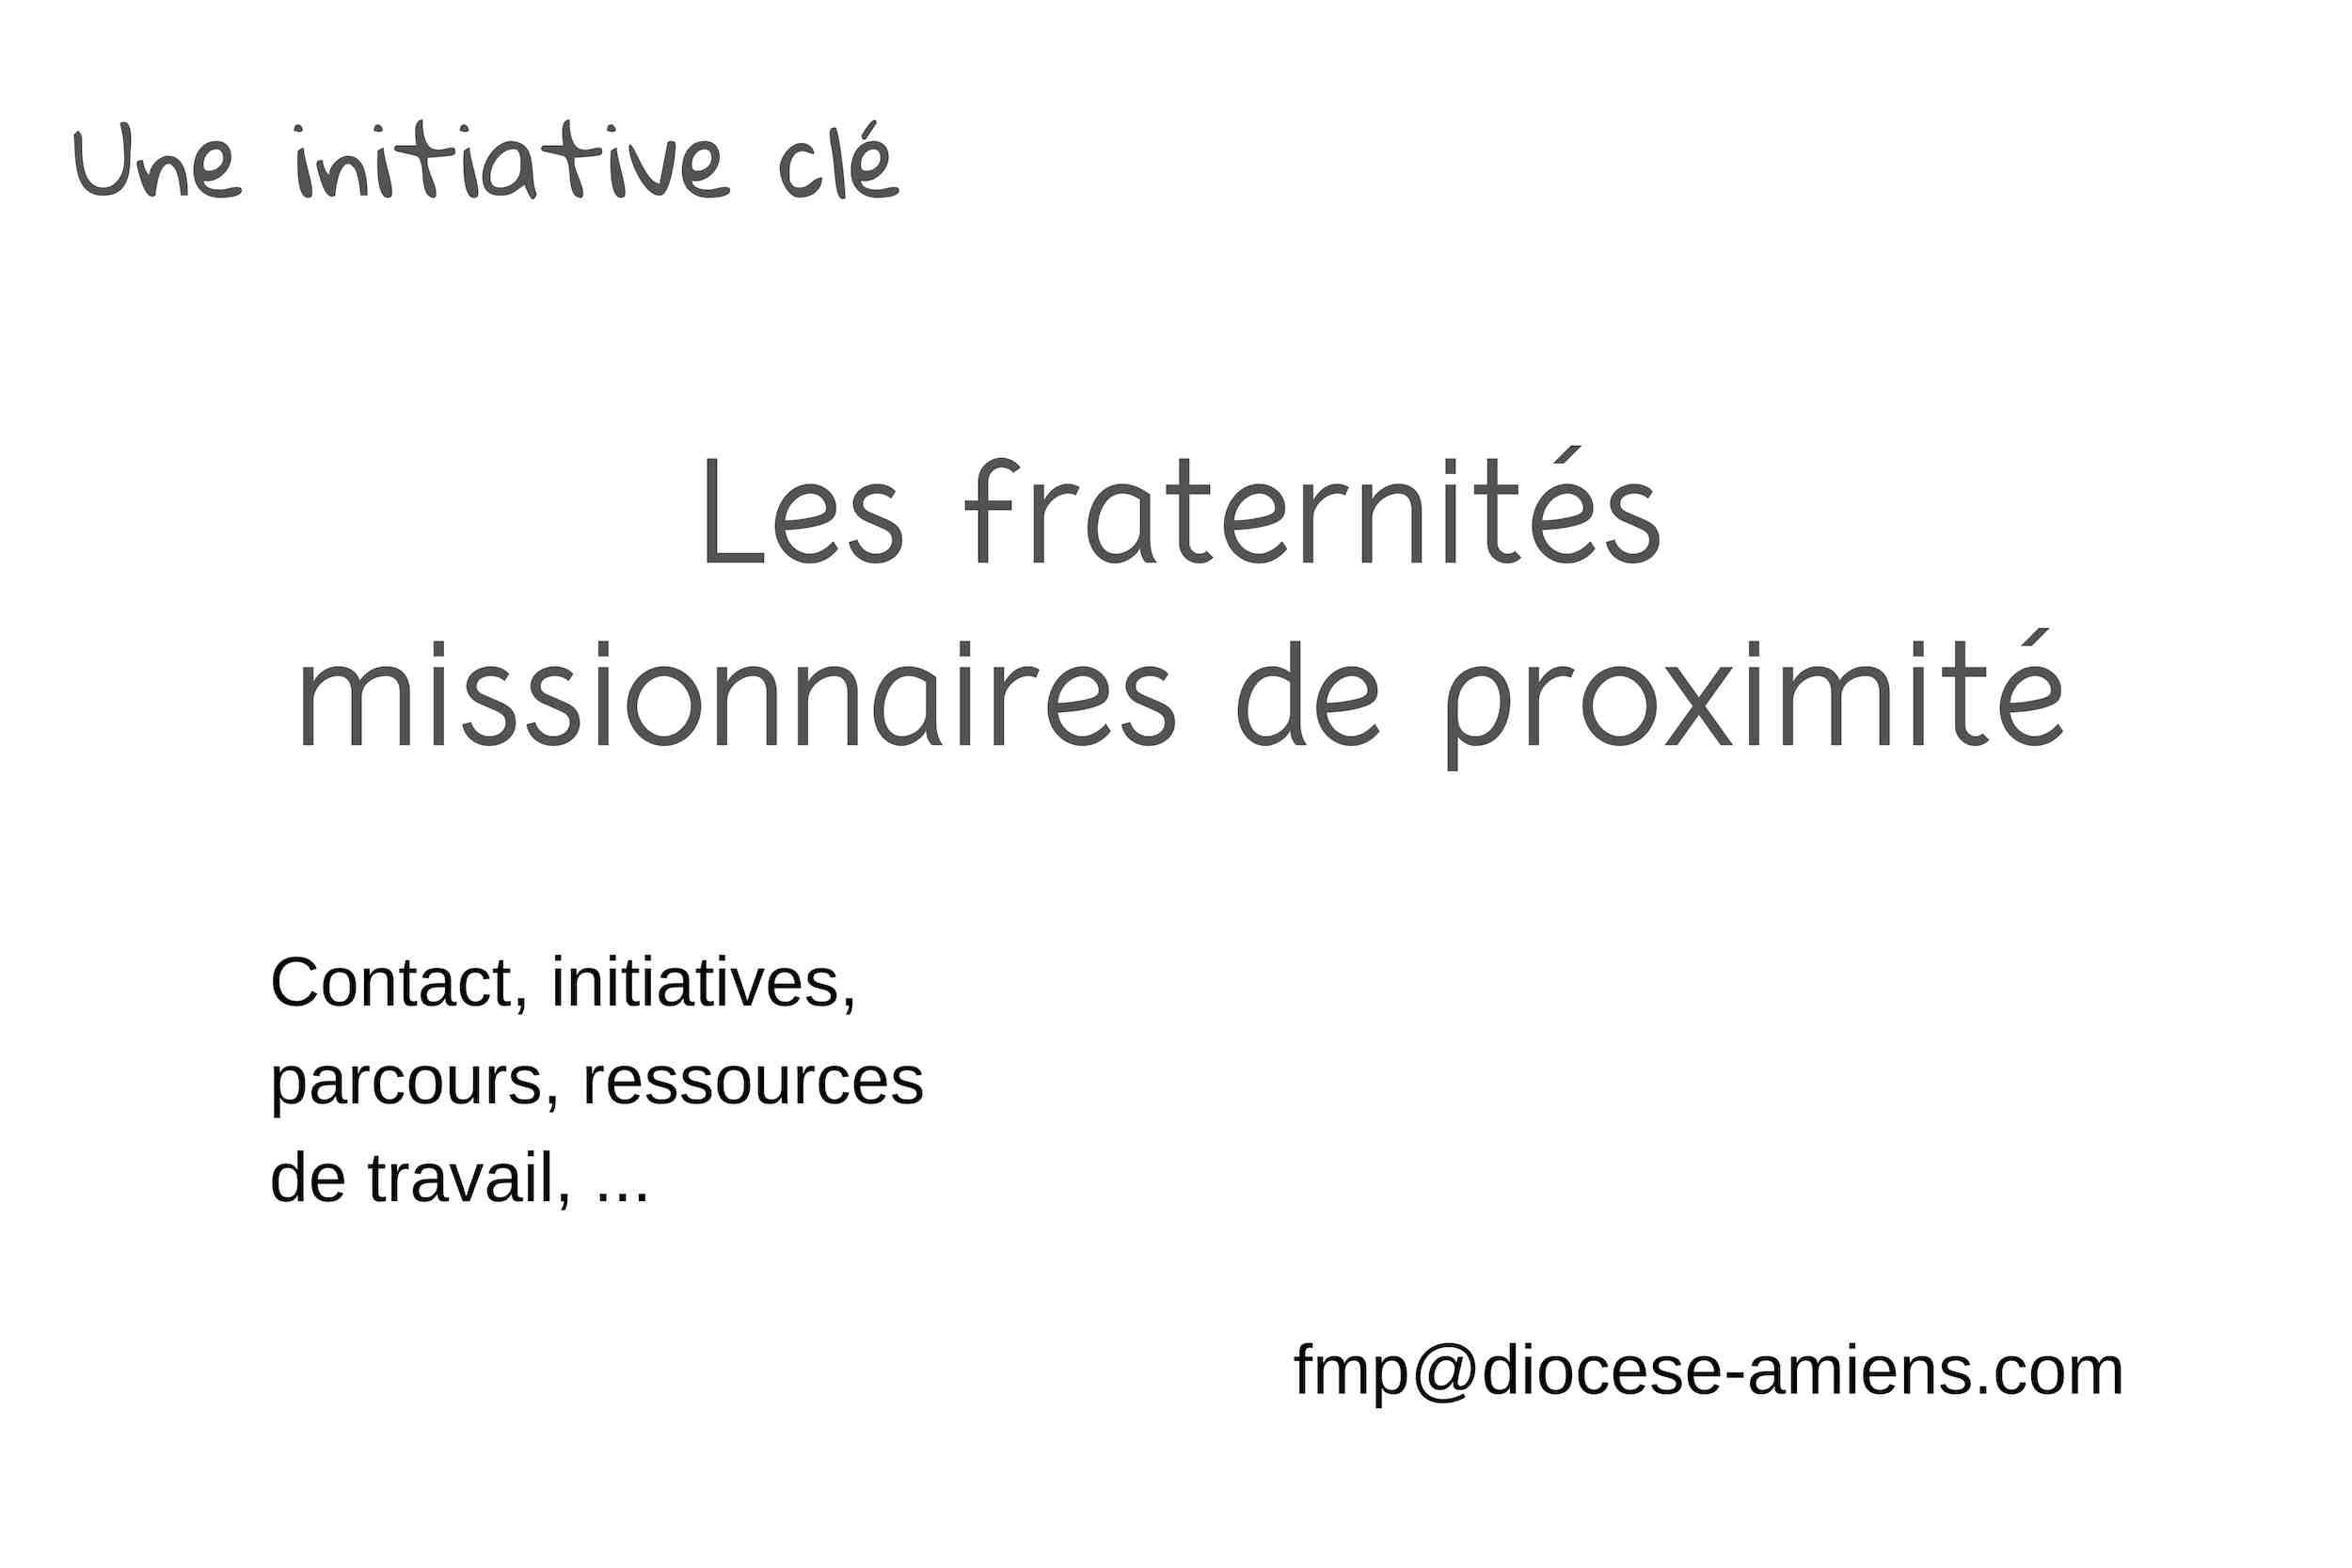 Les fraternités missionnaires de proximité… Qu'est-ce que c'est? Rencontre le 2 février 2019 à Amiens (80)